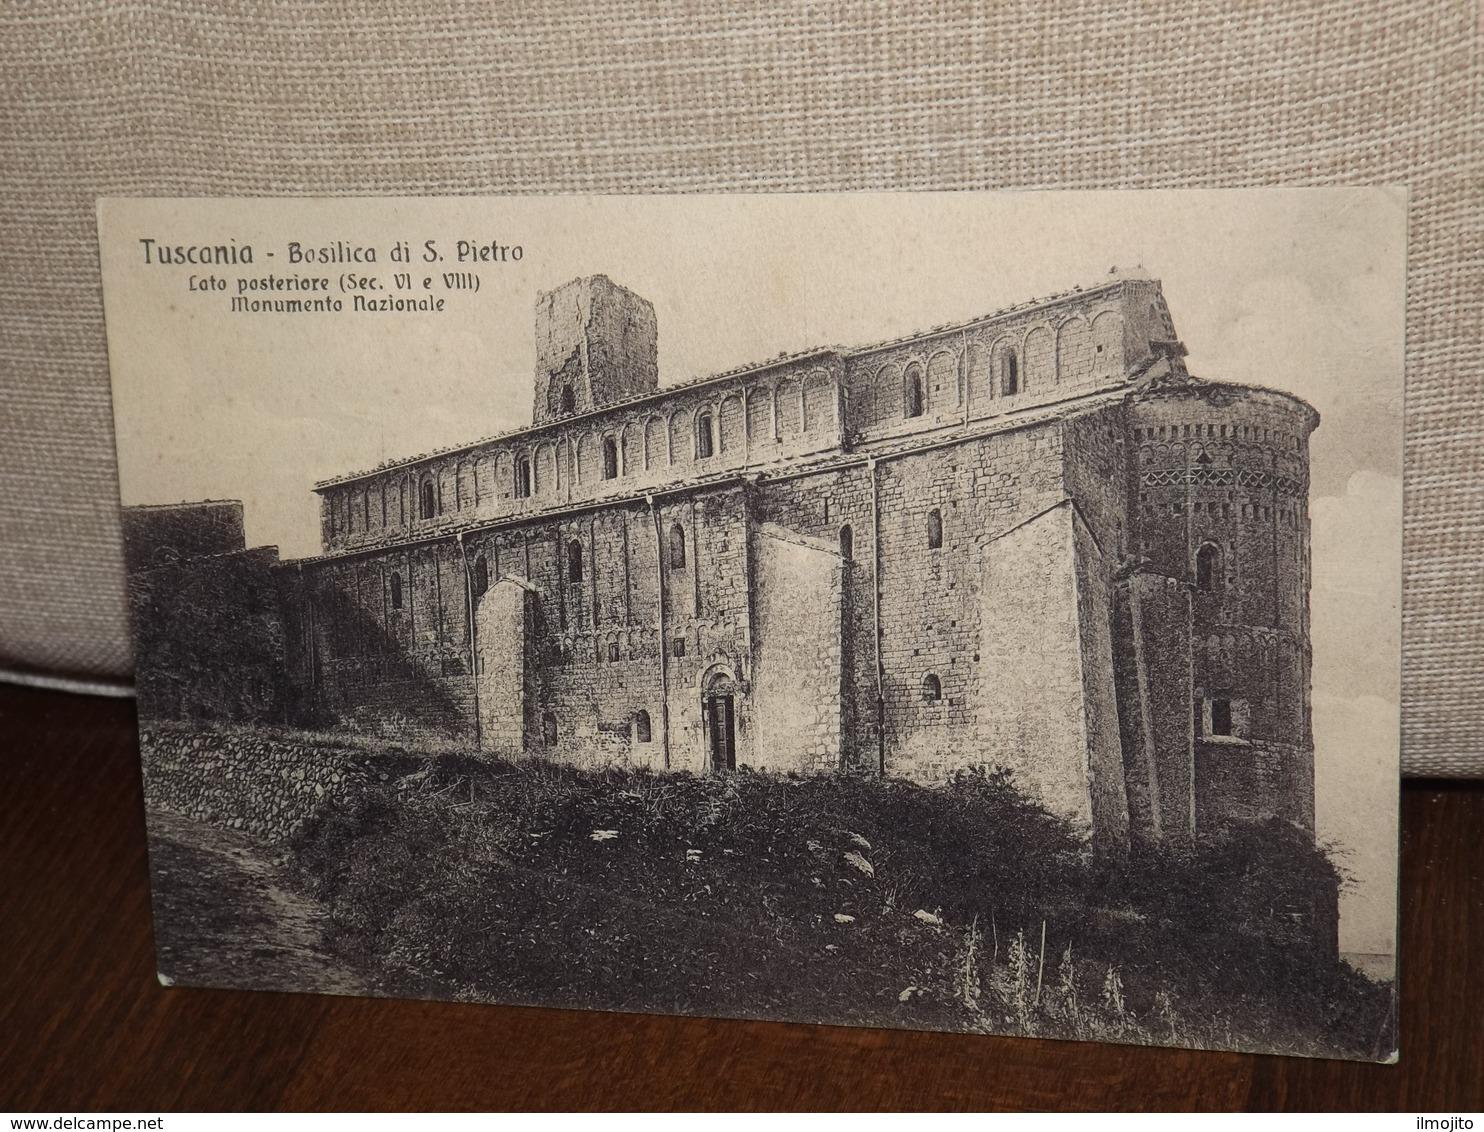 CARTOLINA TUSCANIA BASILICA DI S.PIETRO MONUMENTO NAZIONALE LATO POSTERIORE FORMATO PICCOLO - Altre Città